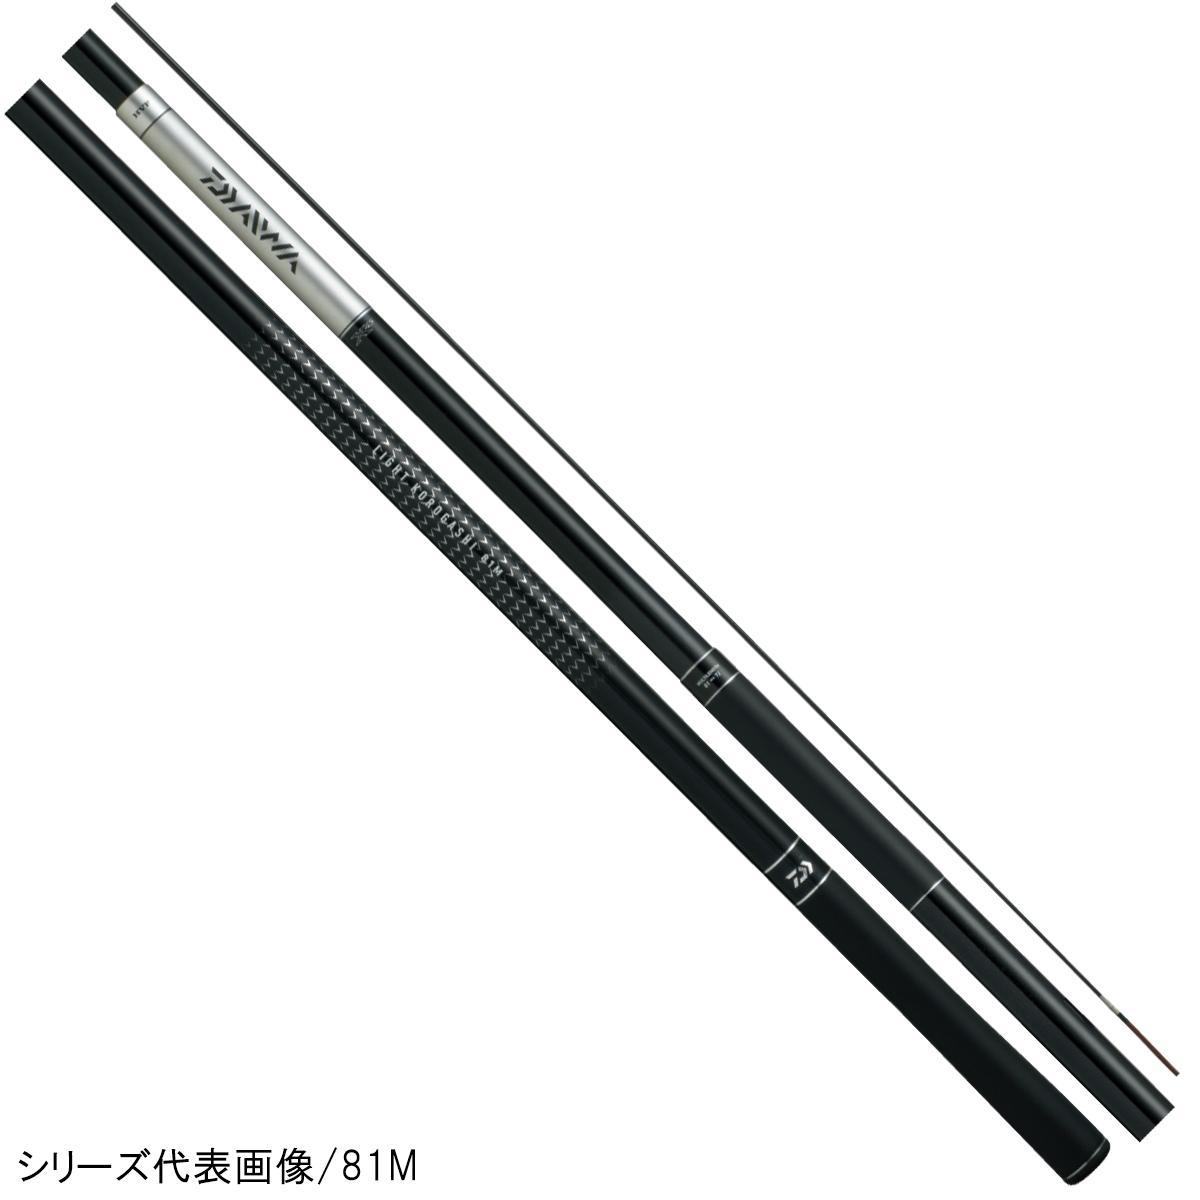 ダイワ ライトコロガシ H90M【送料無料】